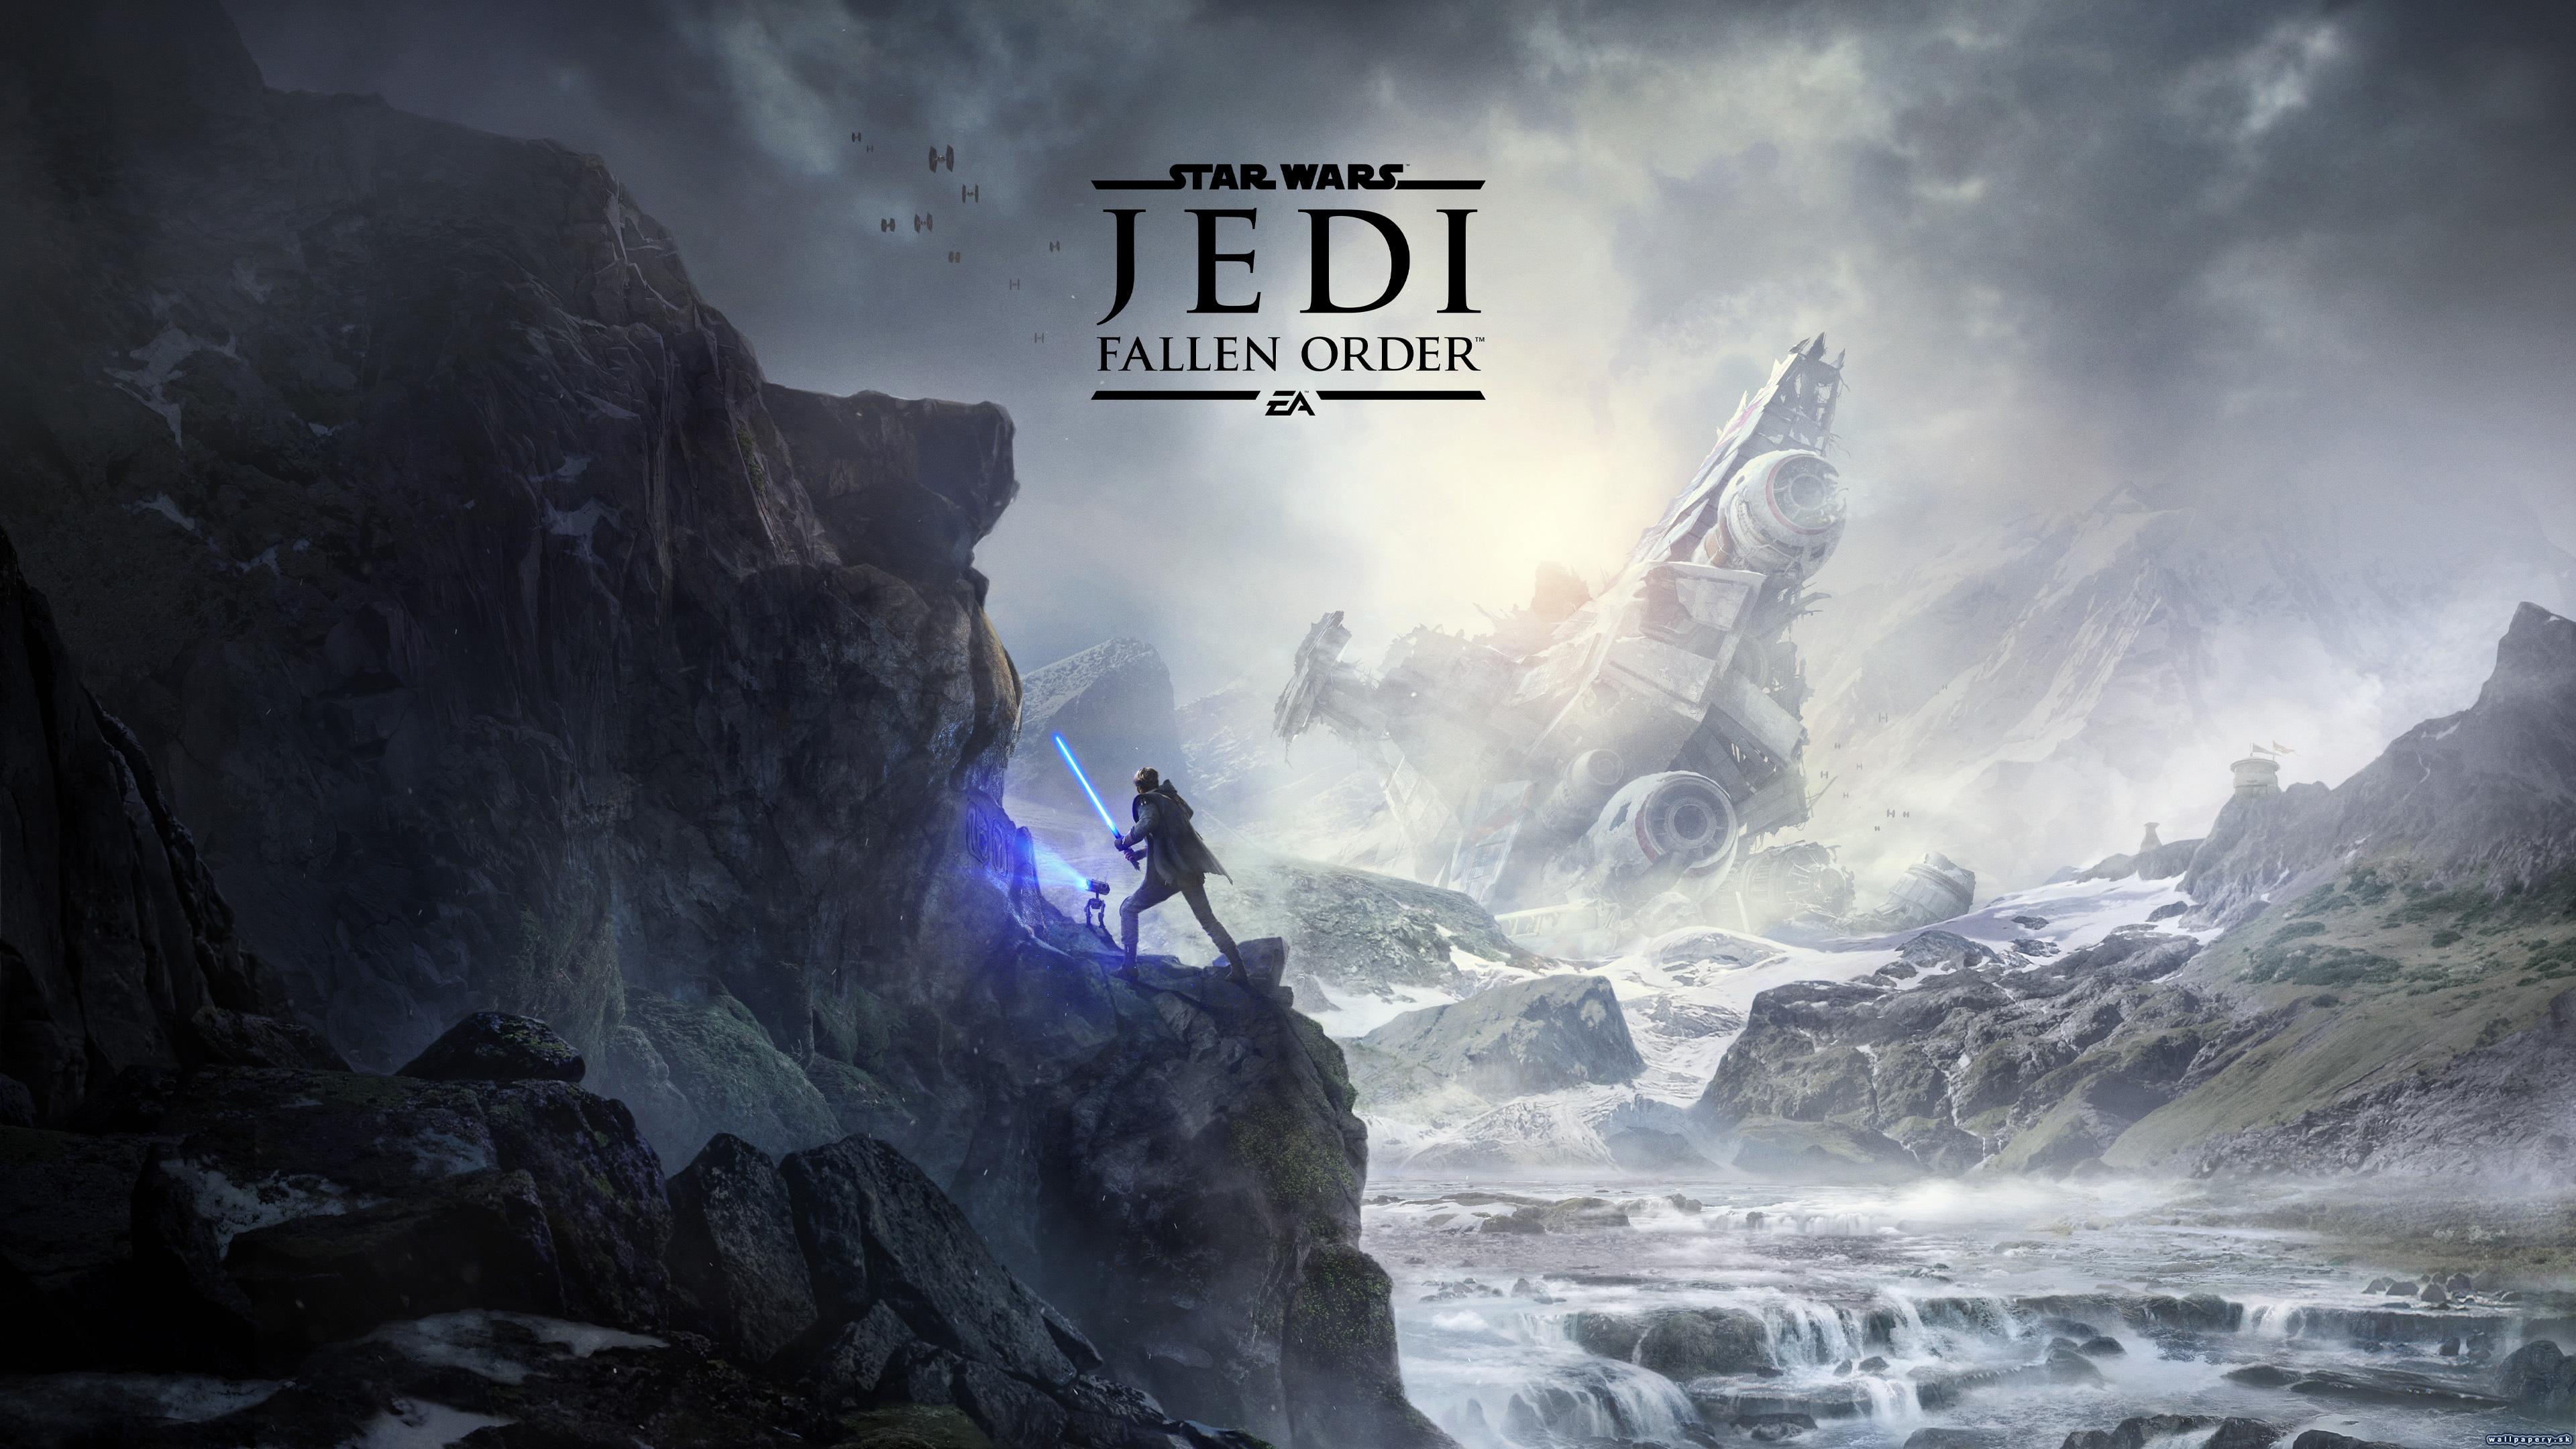 Star Wars Jedi Fallen Order 4k Ultra Hd Wallpaper